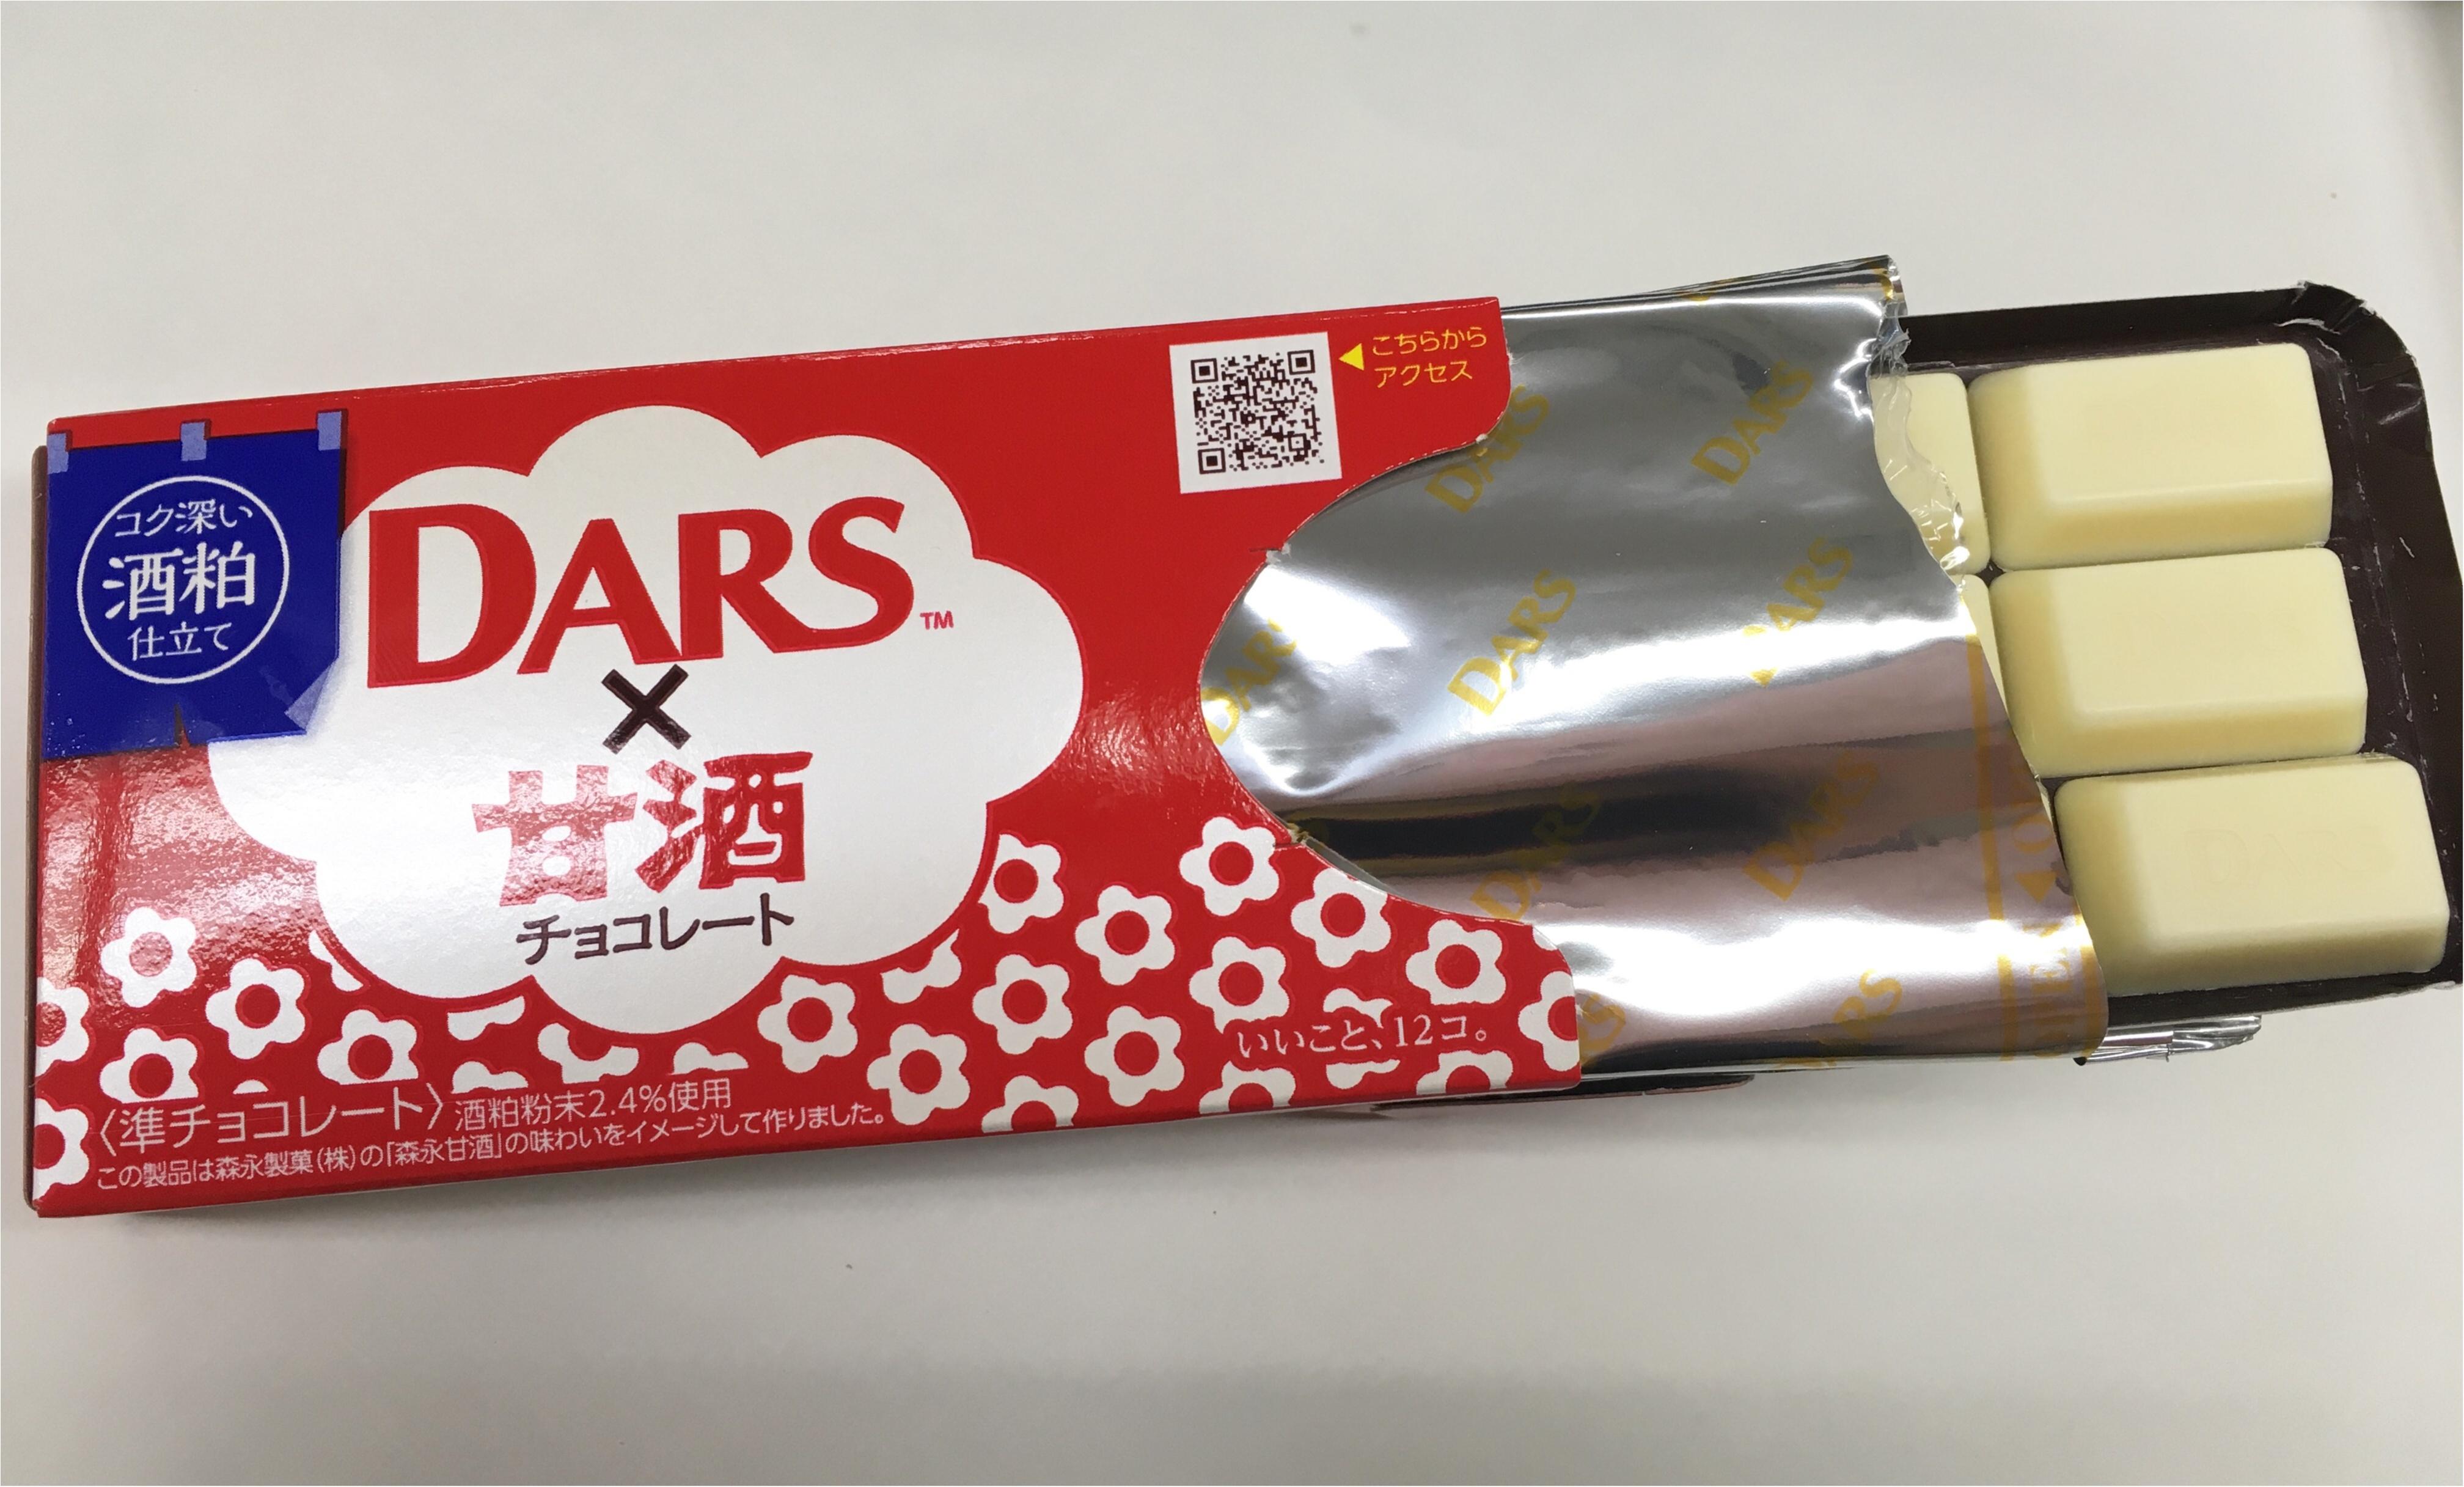 お店に急いで♡セブン&期間限定!甘酒×DARSのチョコレート食べたことある!?♡_8